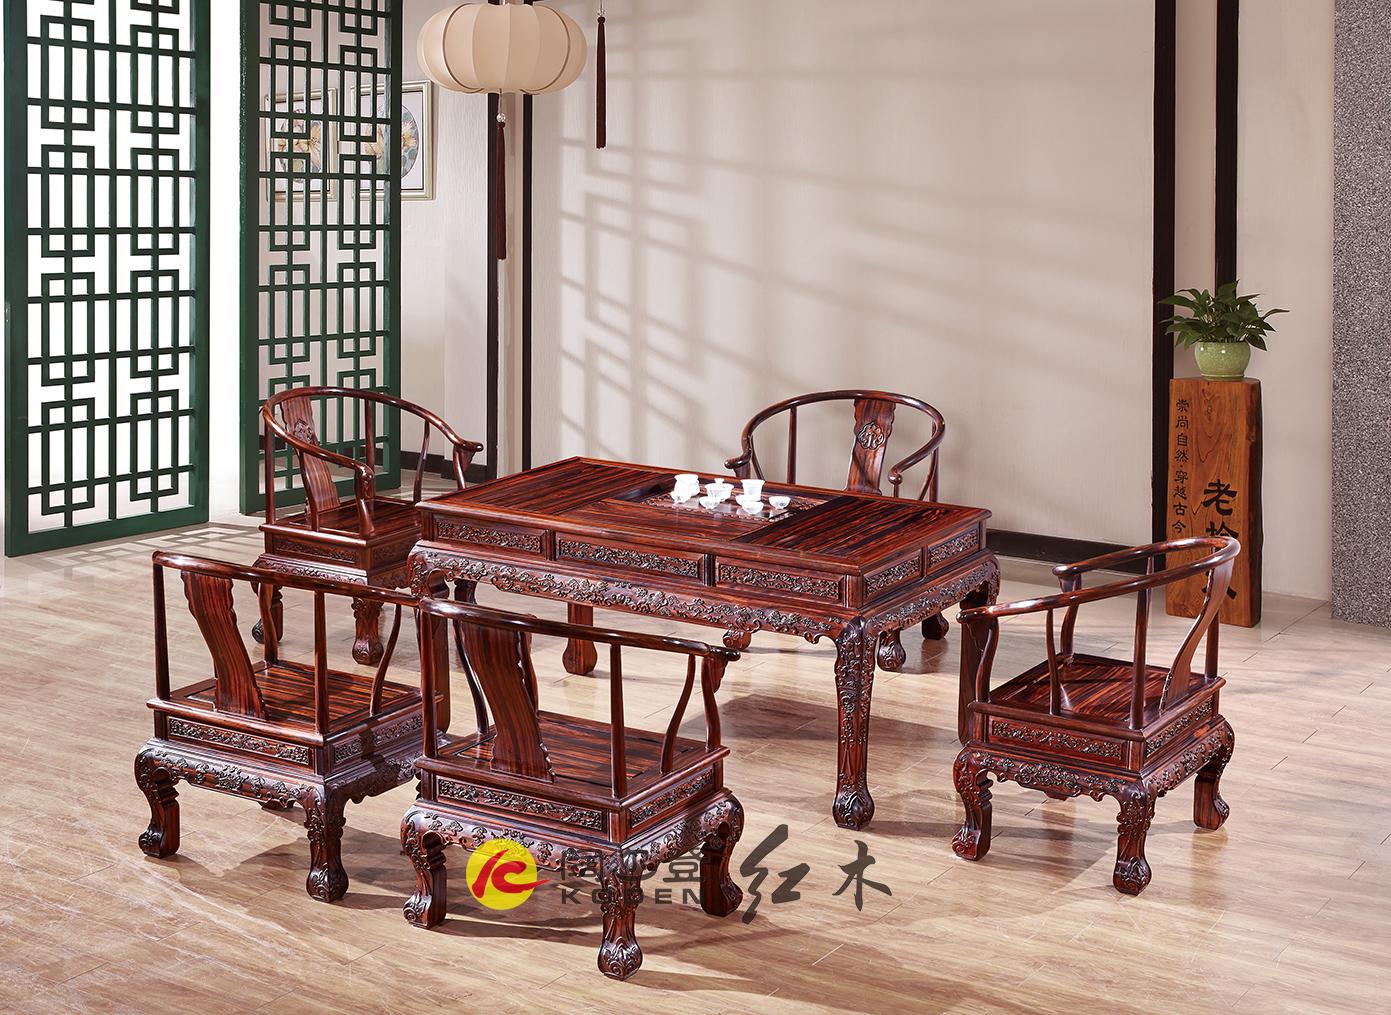 阔叶黄檀-CT-金狮茶台6件套2拷贝